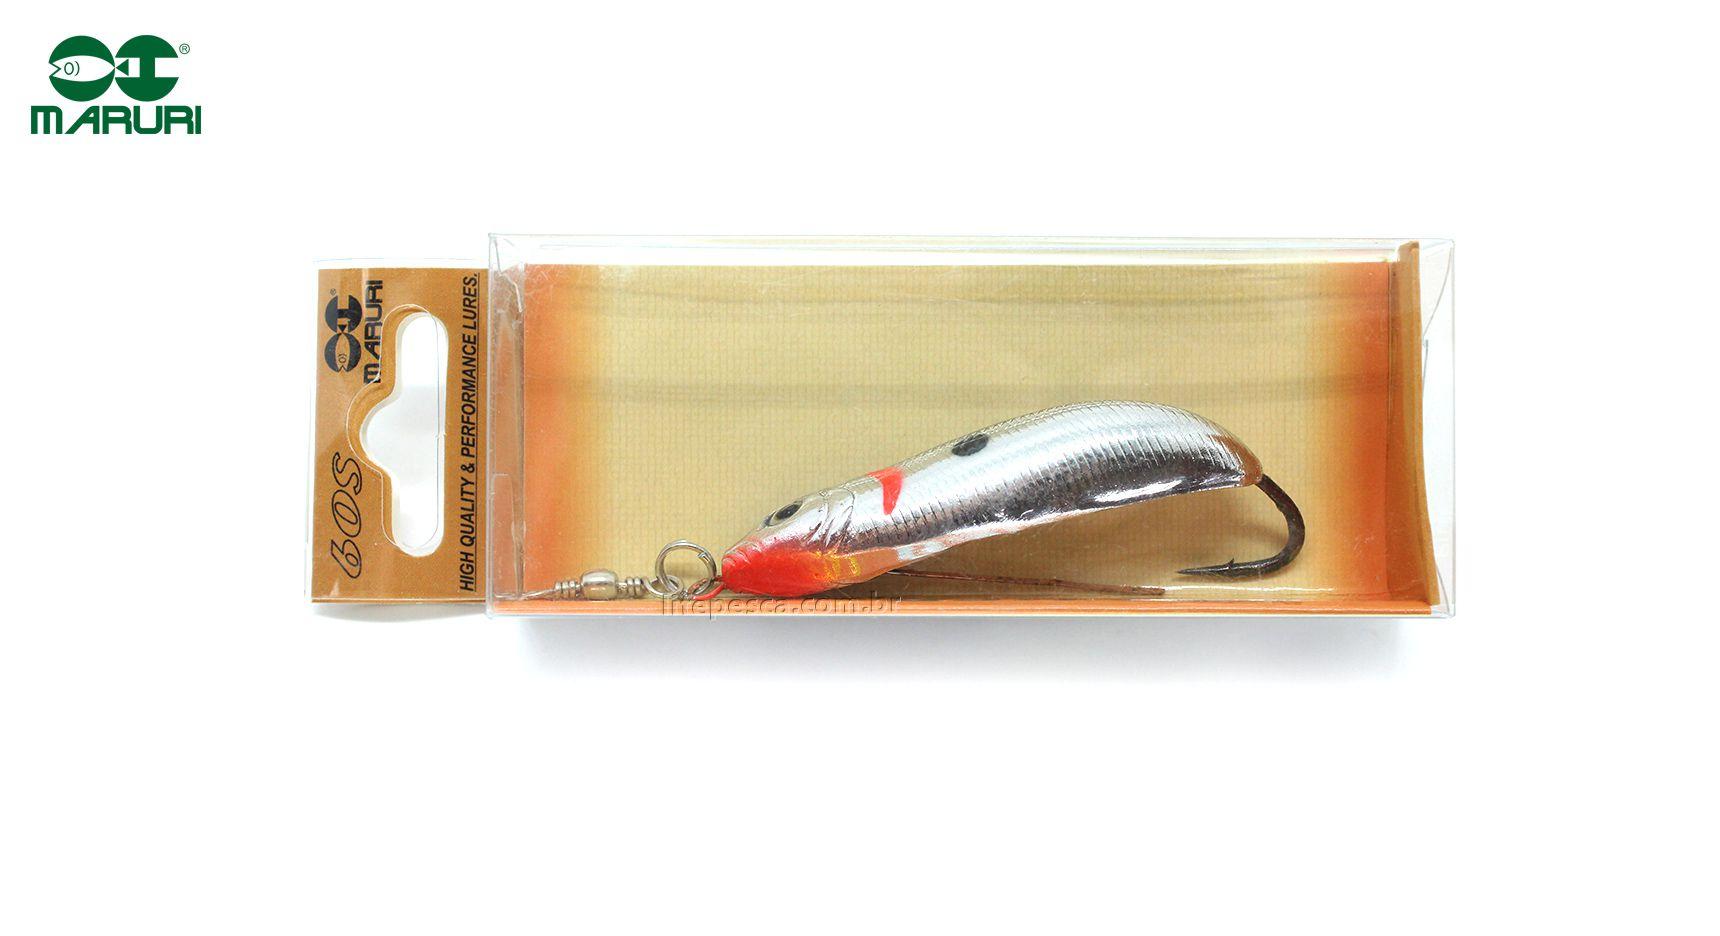 Isca Artificial Maruri Colher 60S - 6cm ( Várias Cores )  - Life Pesca - Sua loja de Pesca, Camping e Lazer